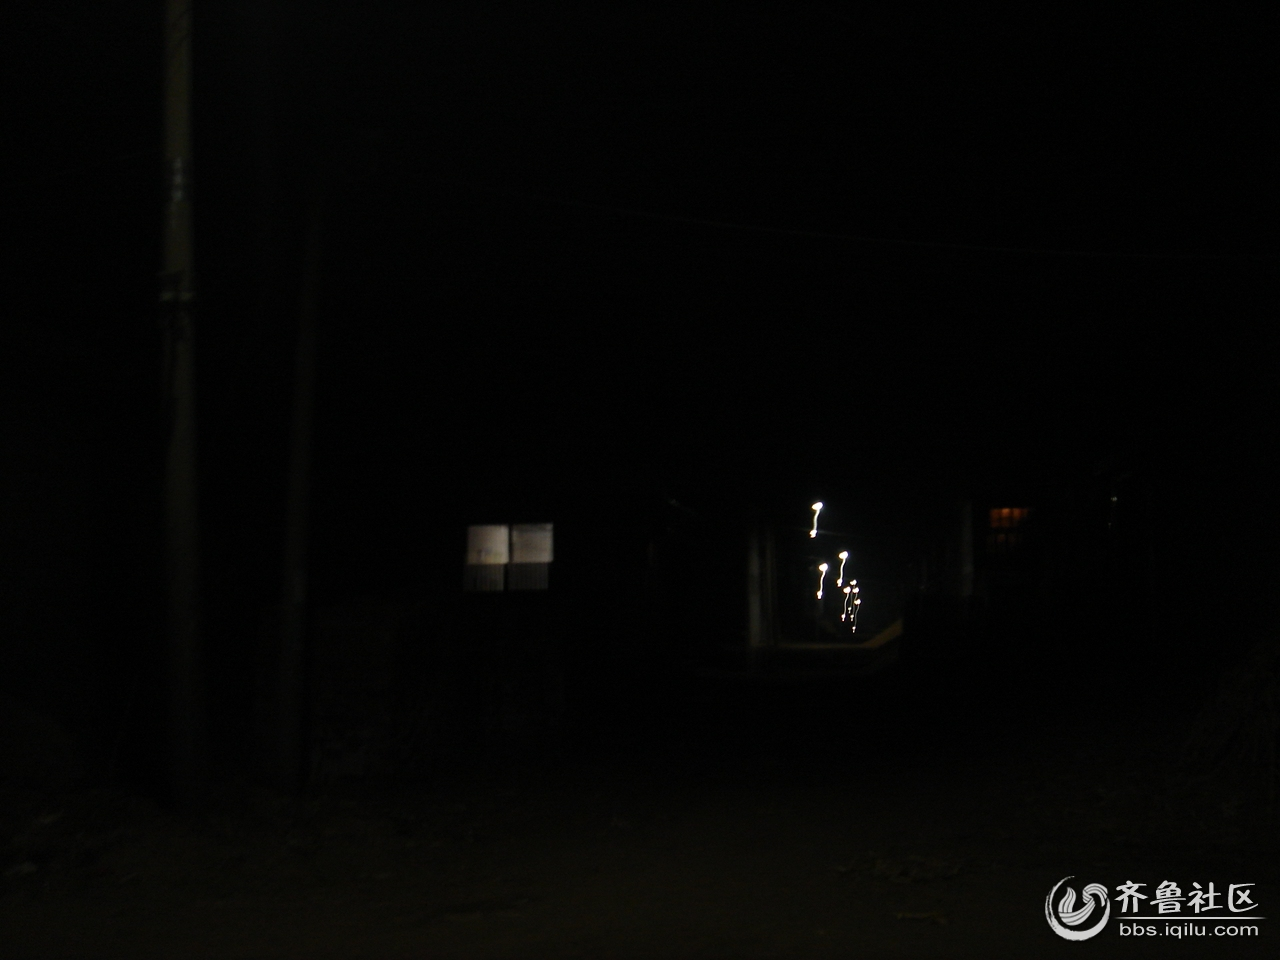 不容易拍摄的乡村夜景